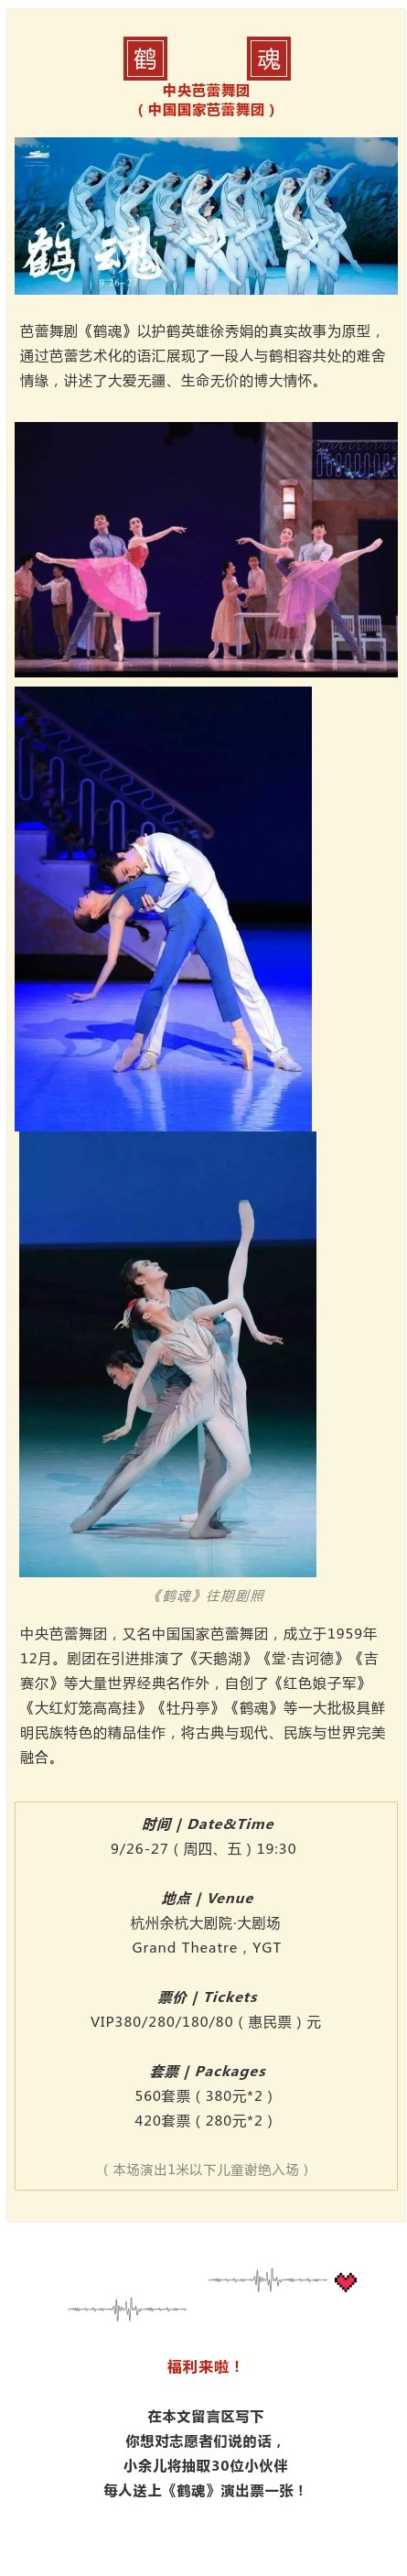 芭蕾舞剧《鹤魂》等你来欣赏